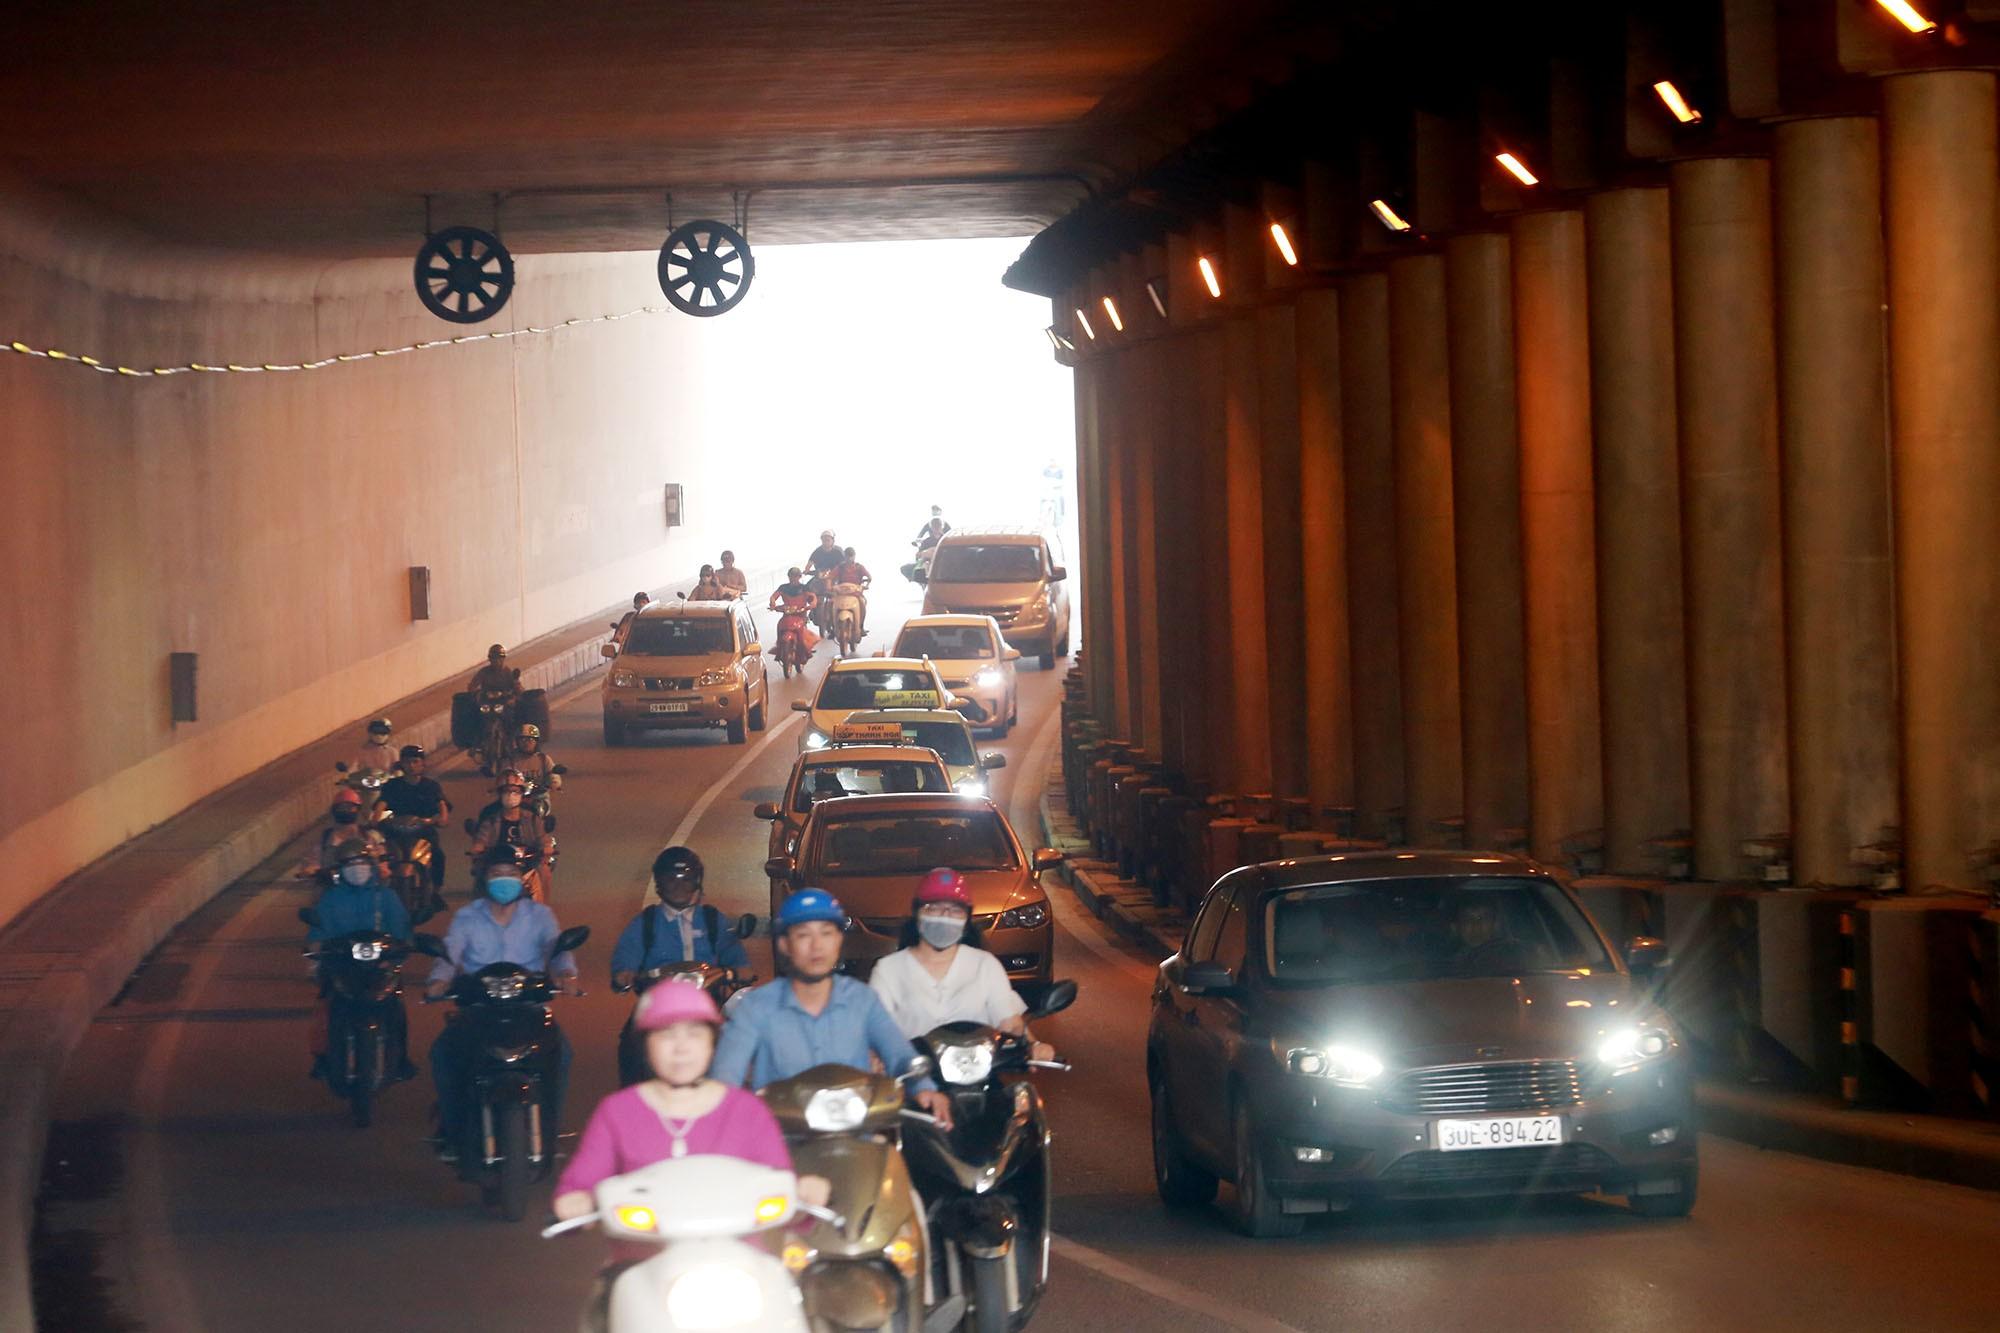 Cận cảnh hầm Kim Liên sau vụ tai nạn thương tâm: Dốc, cua và nhiều phương tiện lấn làn, vượt ẩu - Ảnh 8.